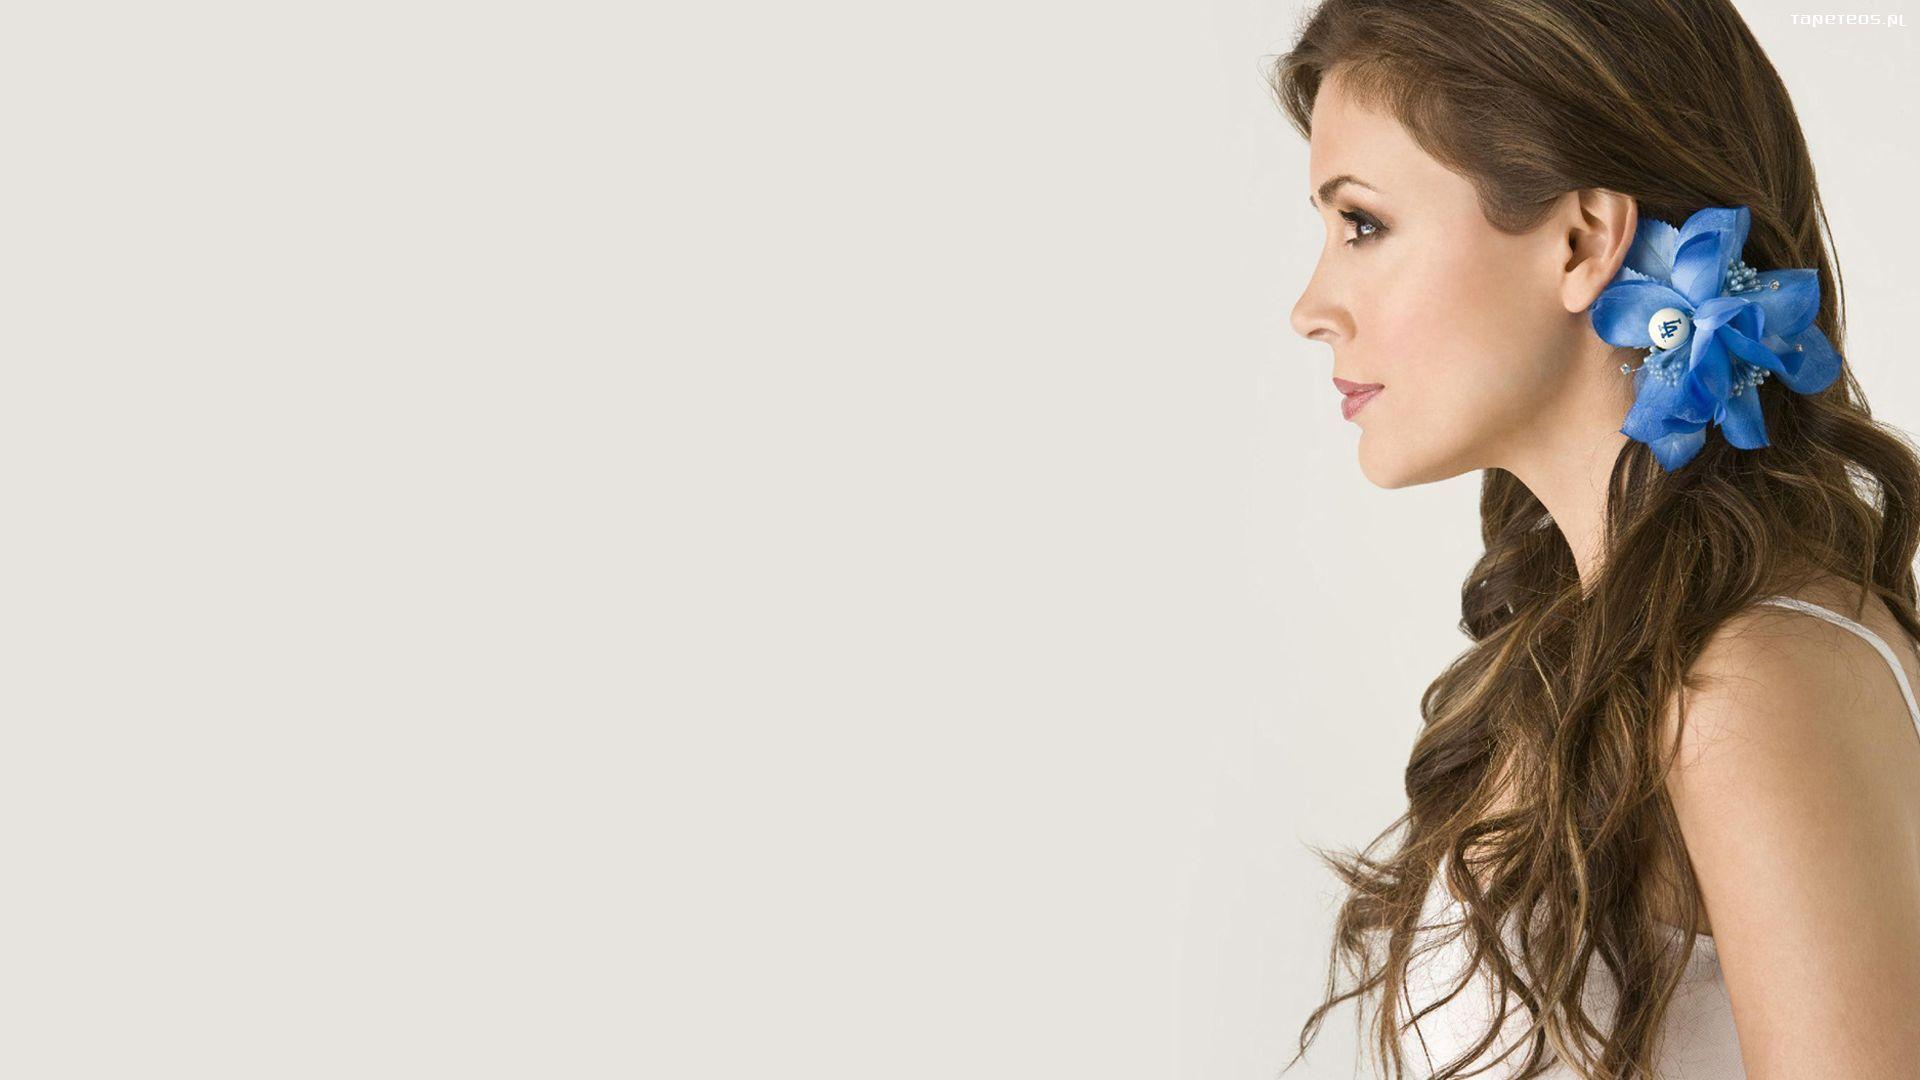 Alyssa Milano Photo Profile